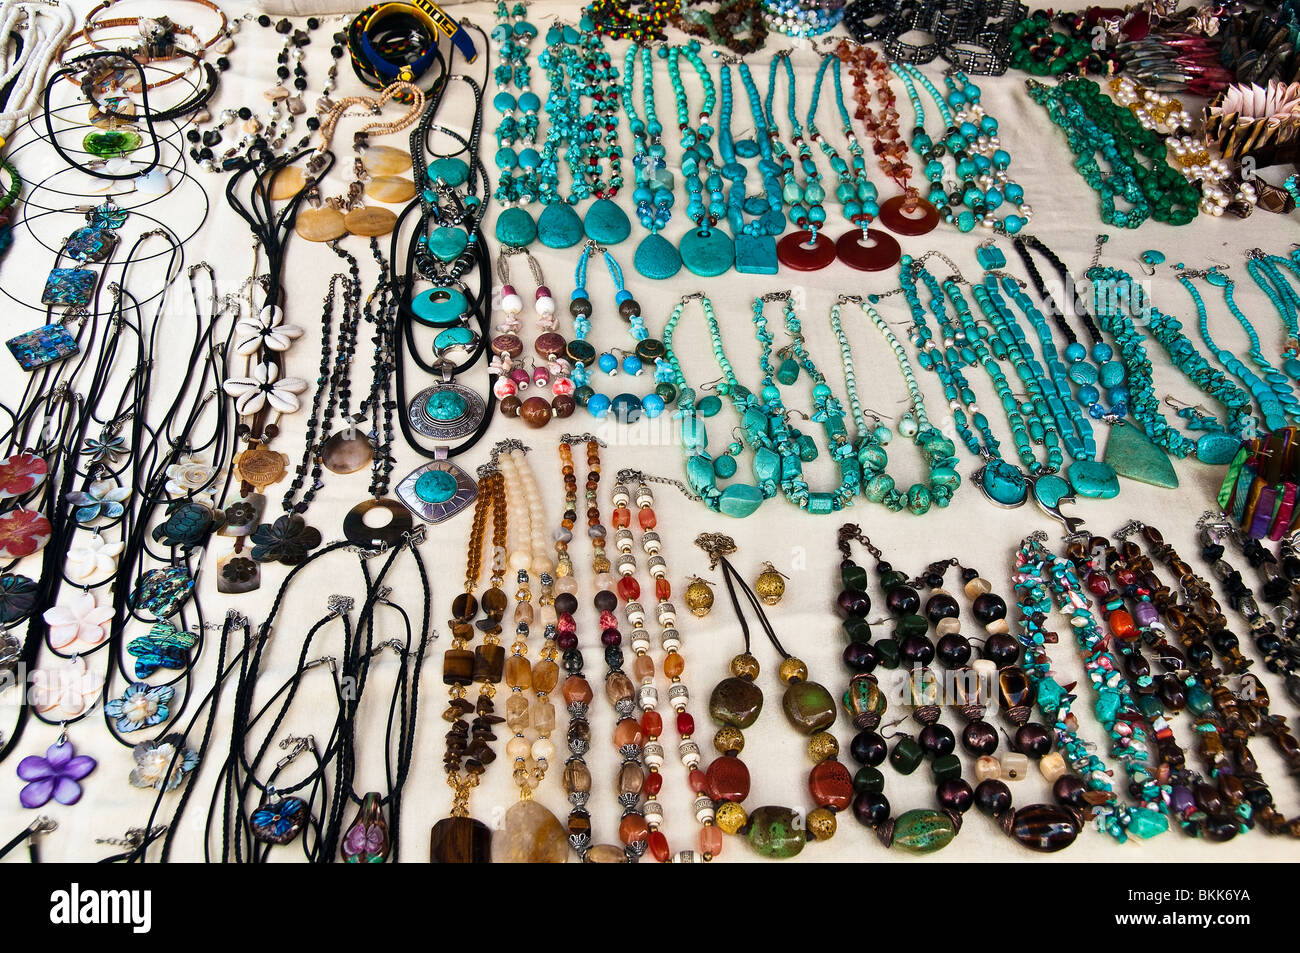 Traje joyería en venta por vendedores ambulantes en Bridgetown, Barbados Antillas Caribe Imagen De Stock